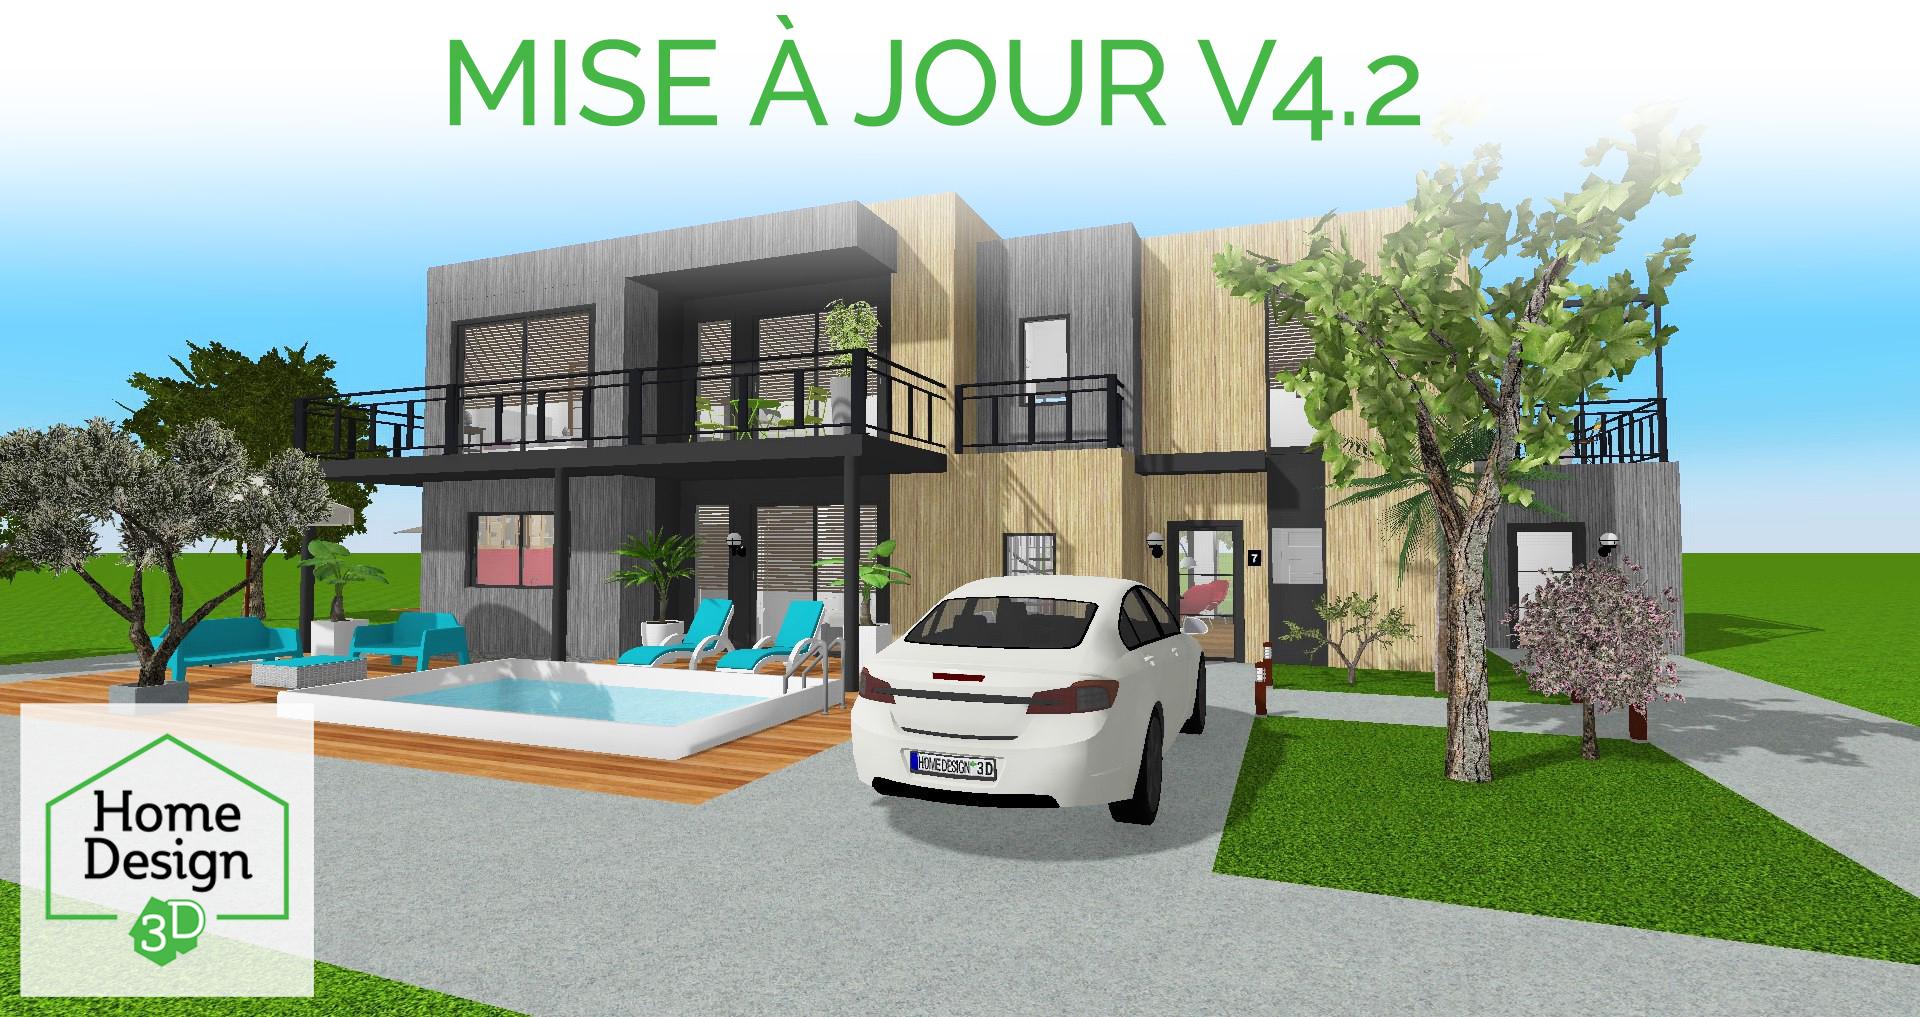 Mise A Jour Home Design 3D